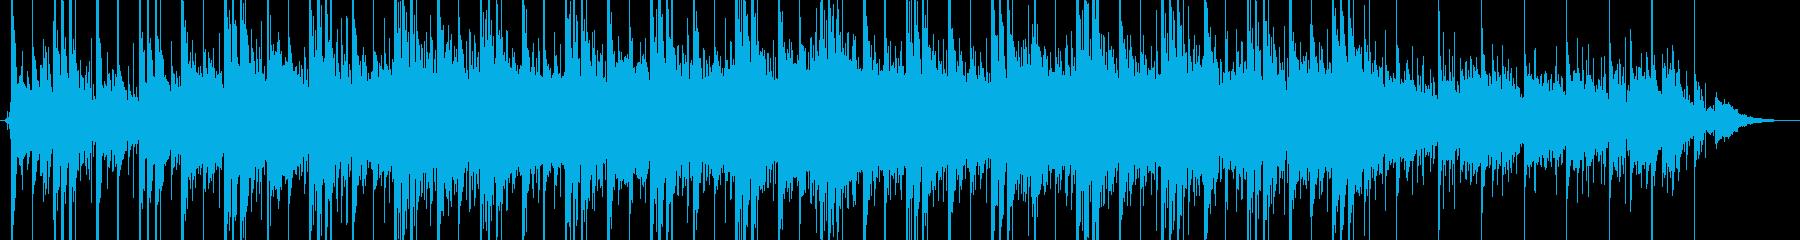 ポップ テクノ モダン ハードコア...の再生済みの波形